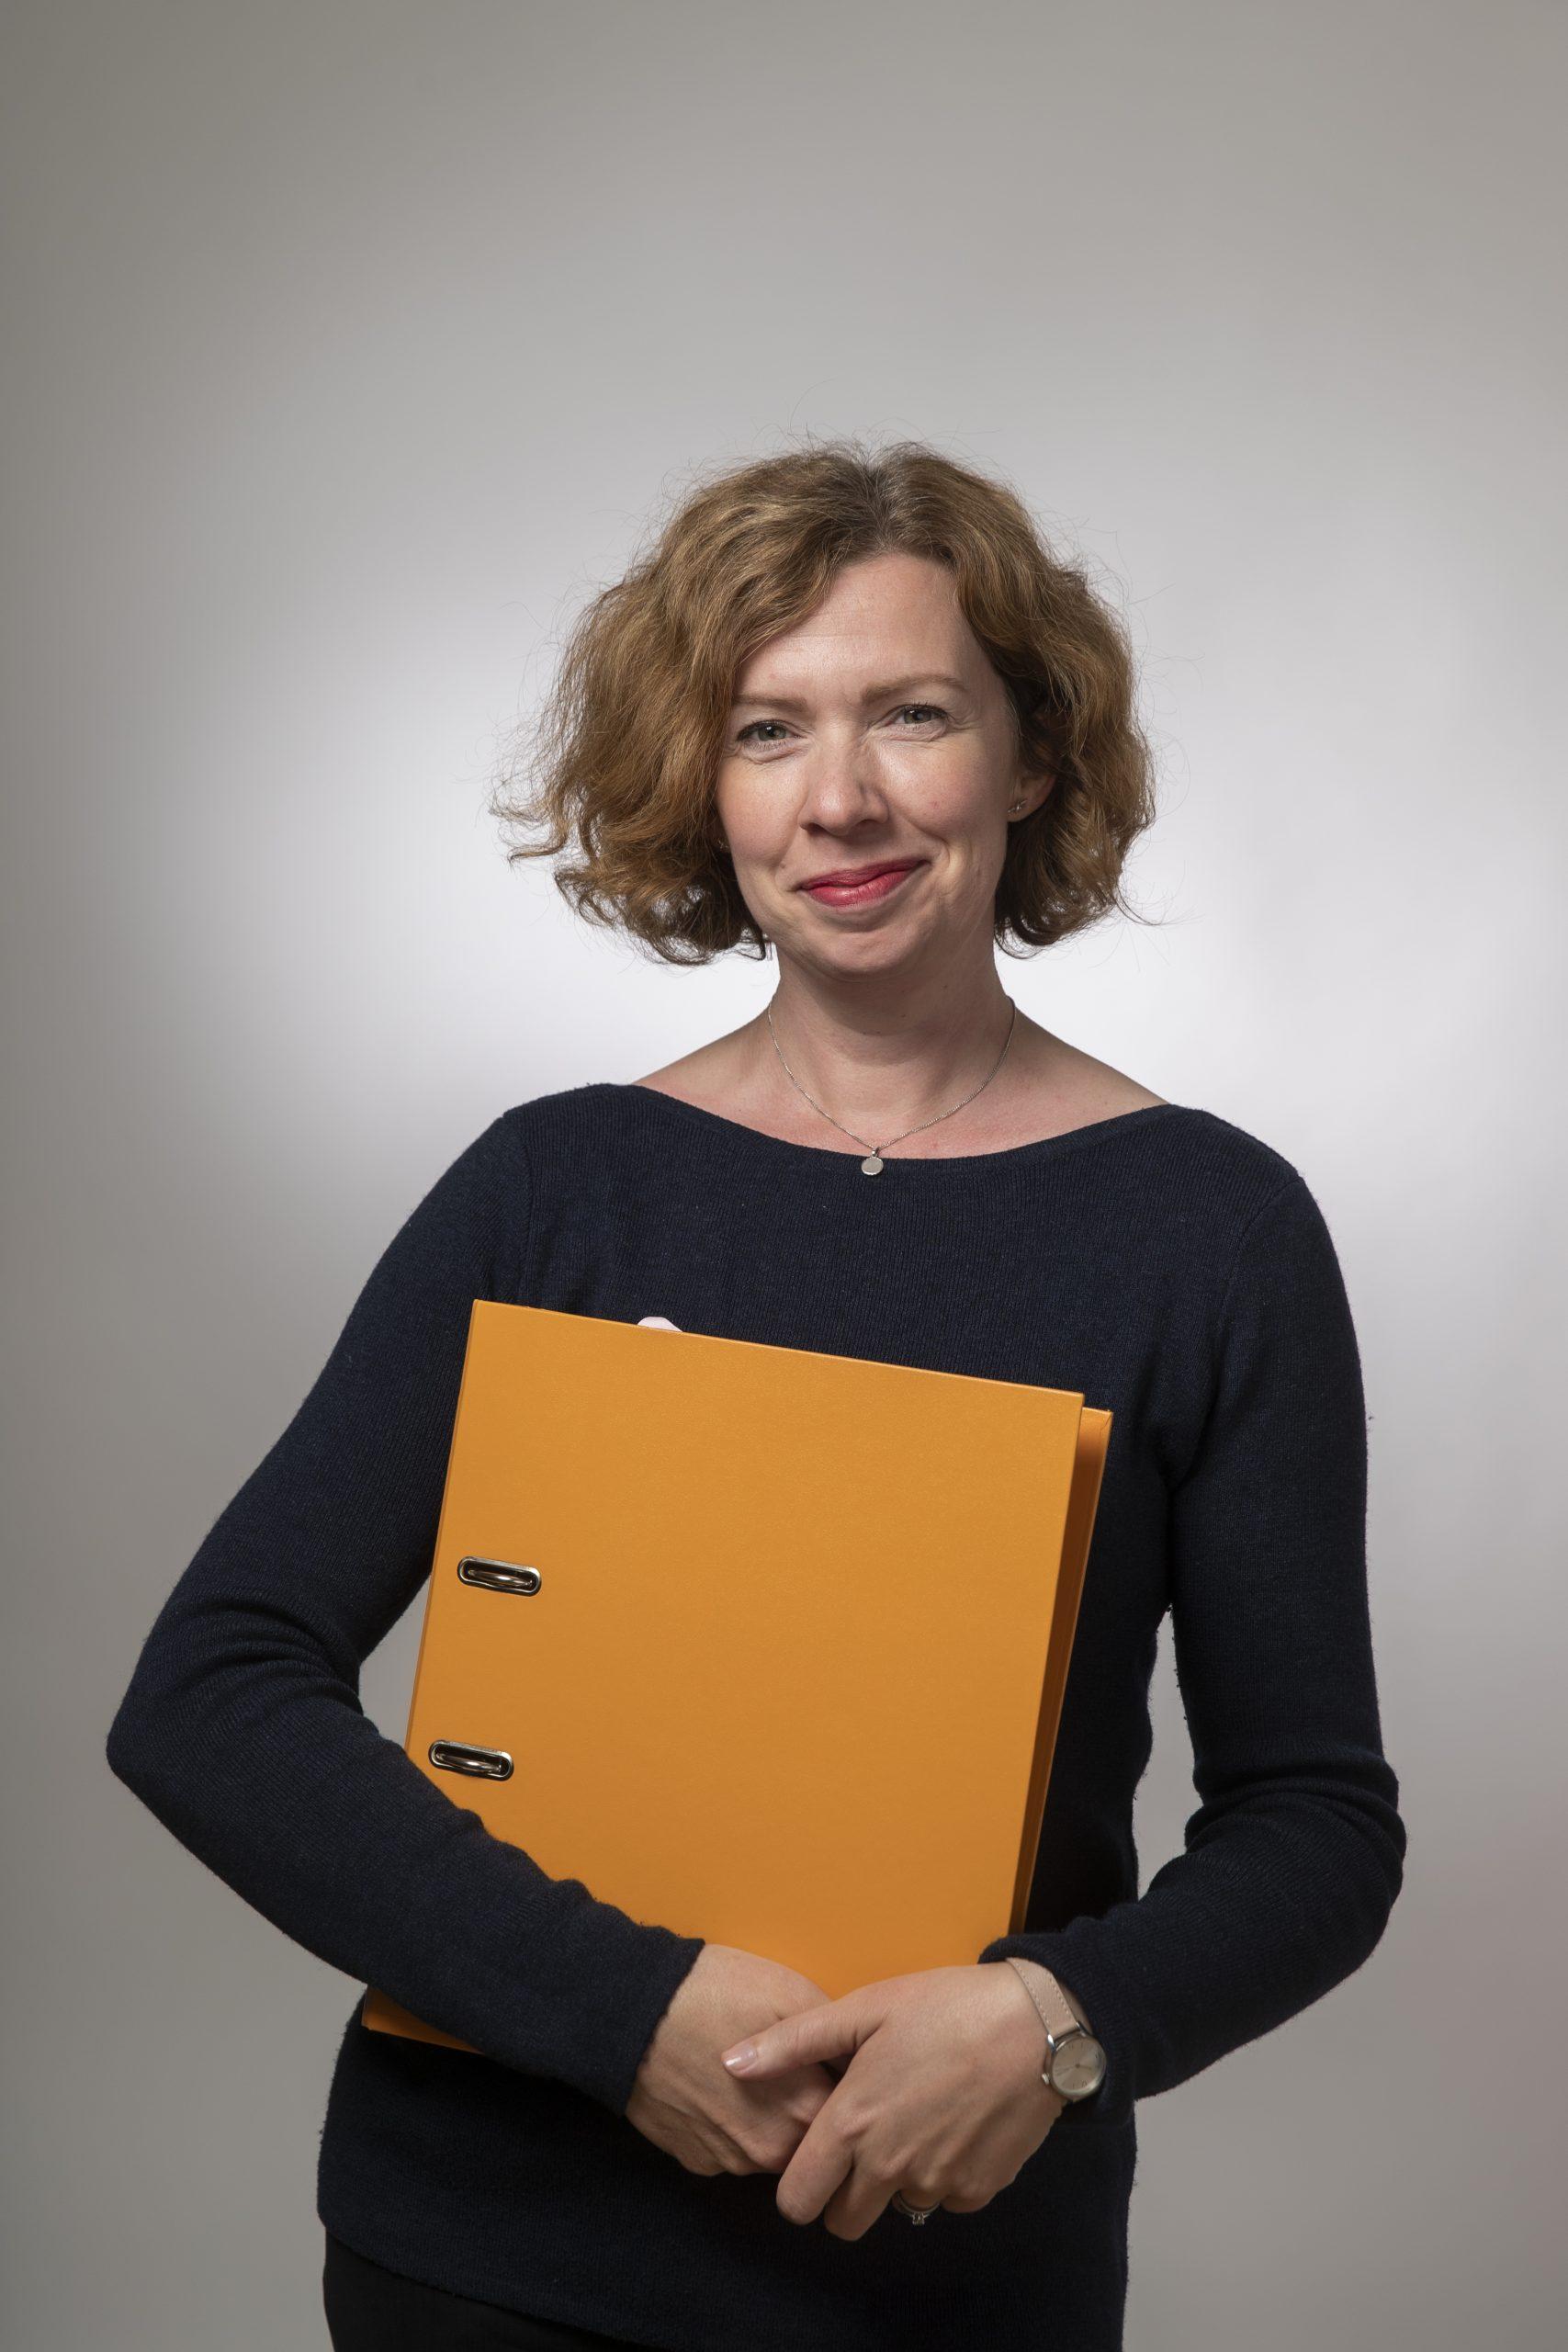 Förbundets verksamhetsledare Susanne Broman håller i en konferenspärm